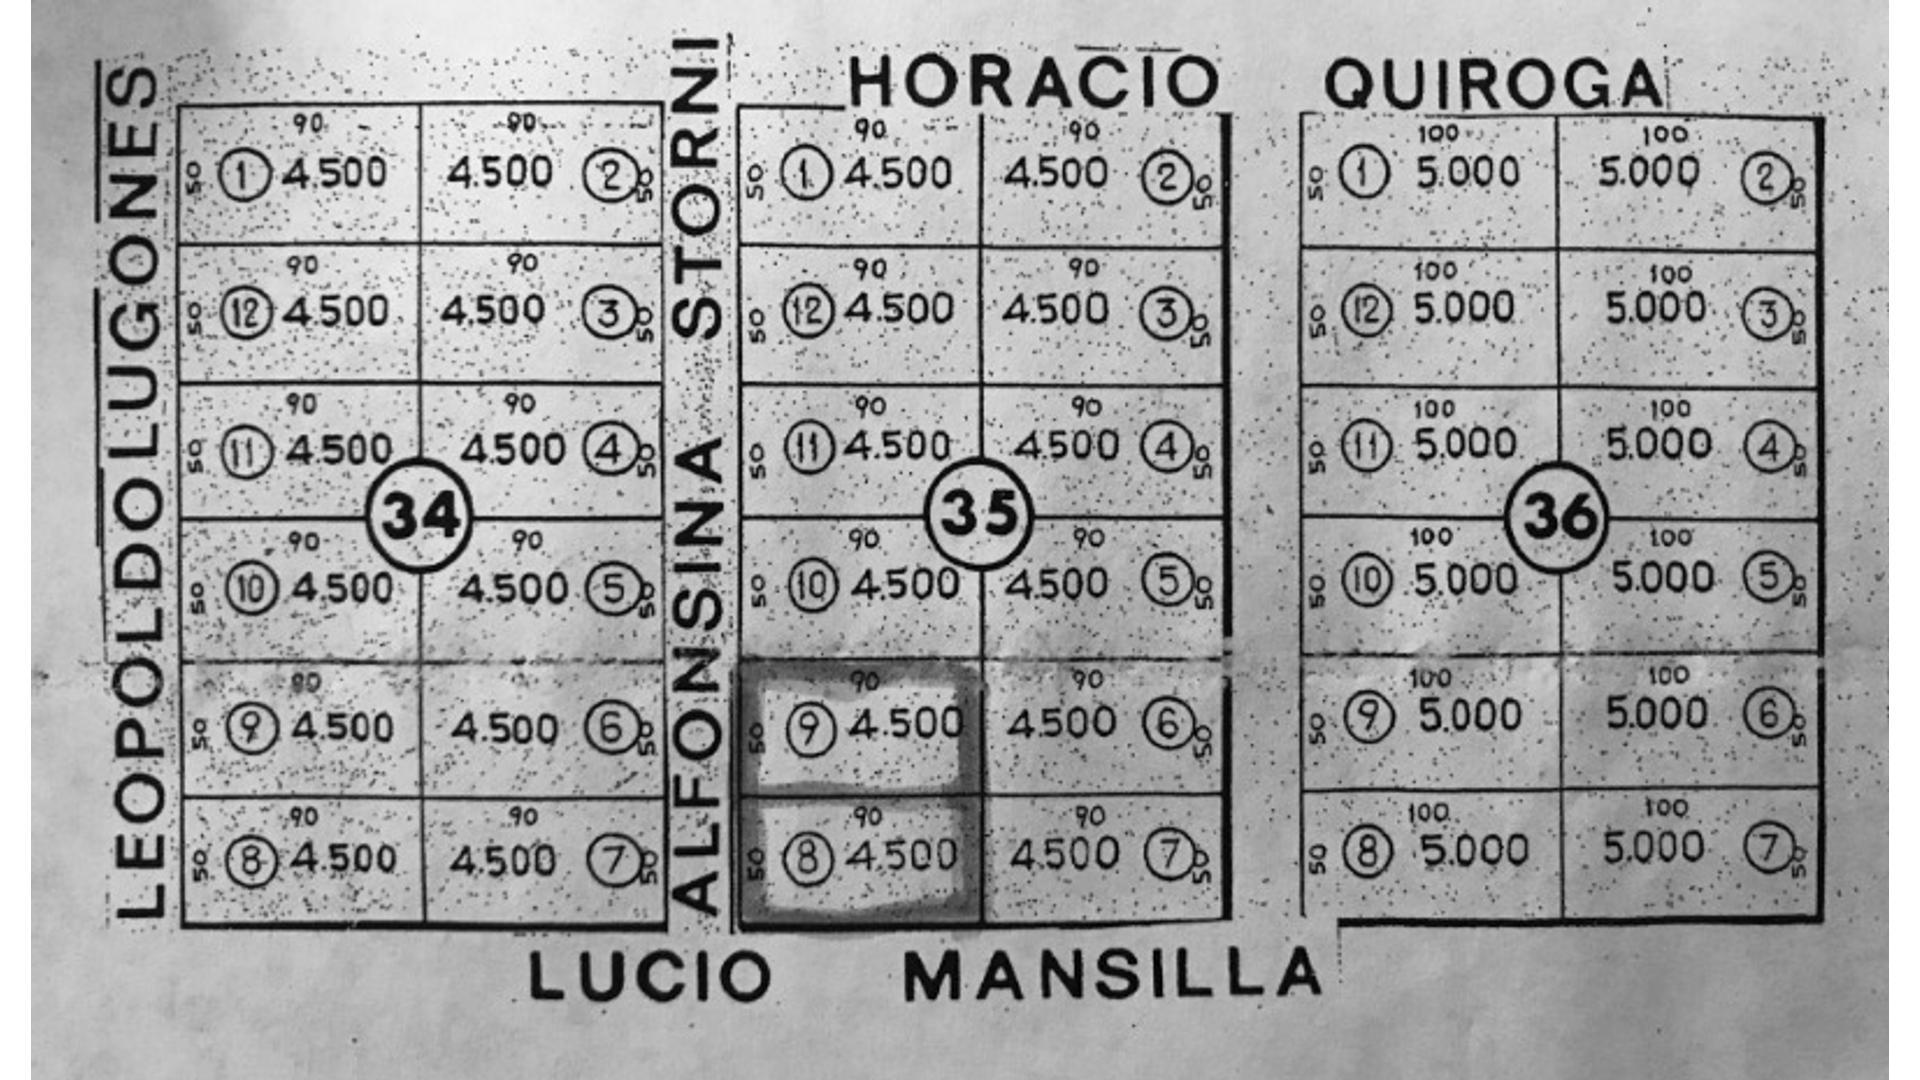 Lucio Mansilla 100 - U$D 40.000 - Campo en Venta